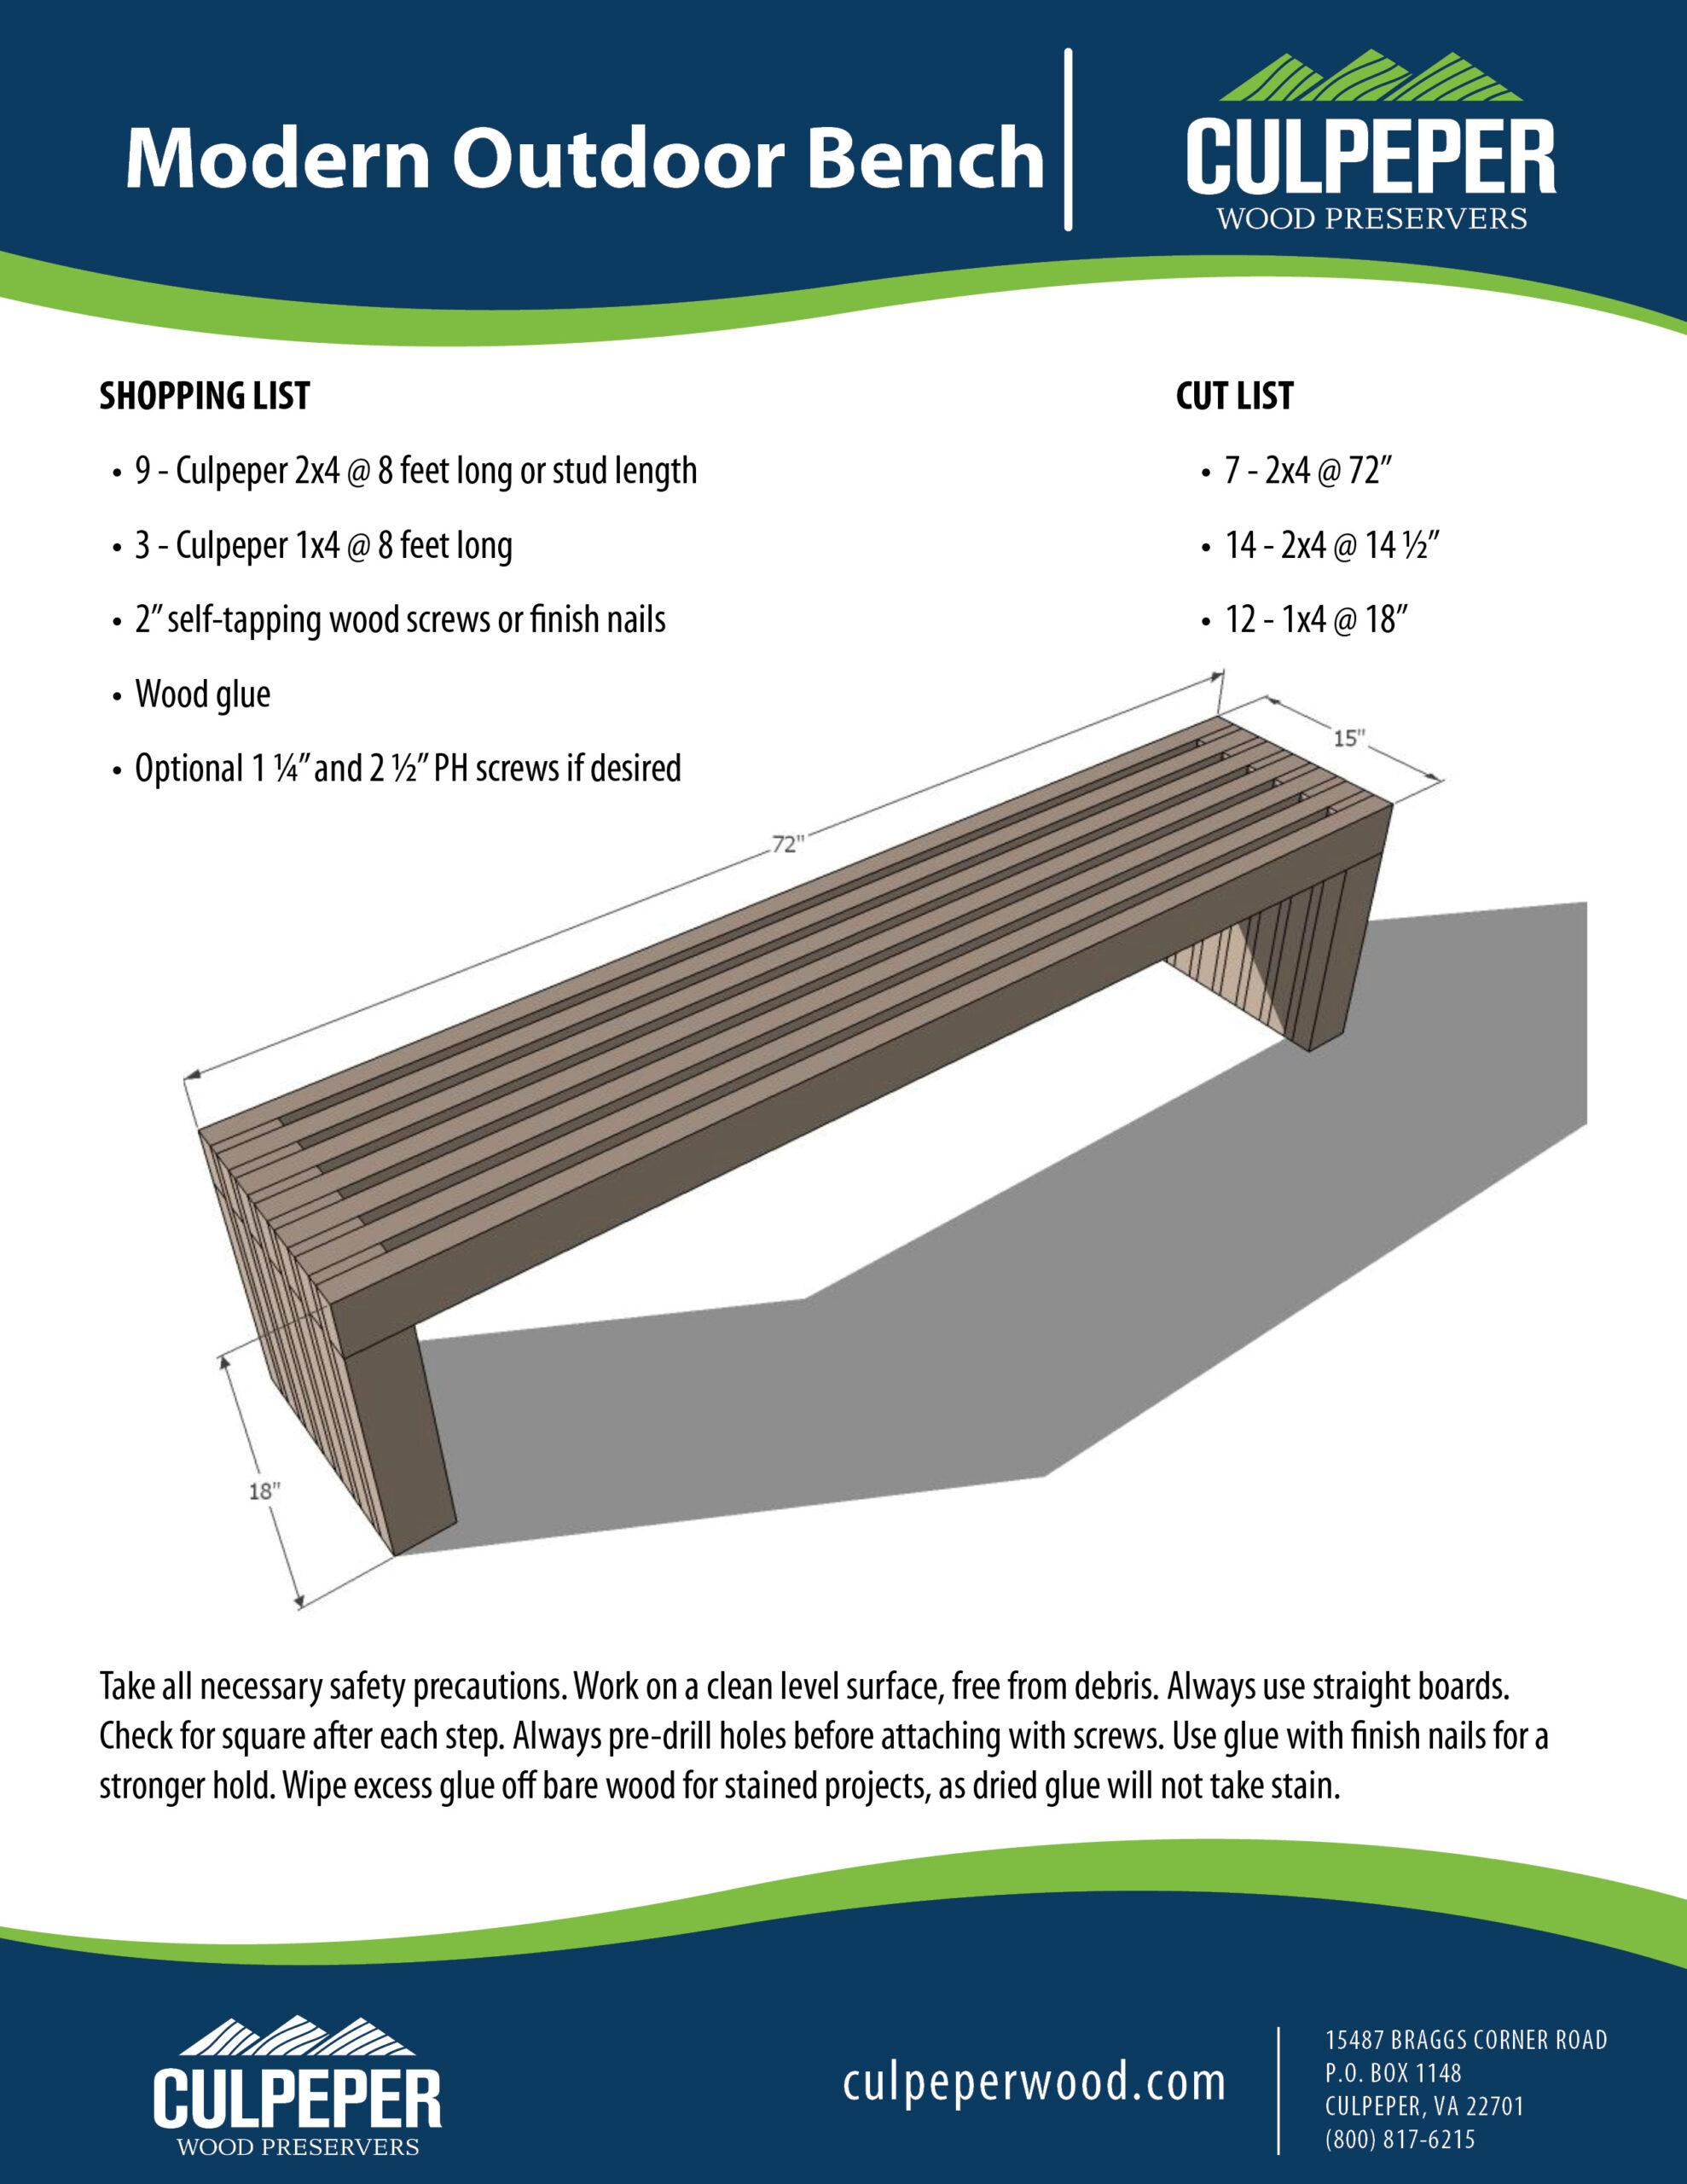 Modern Outdoor Bench KK042820